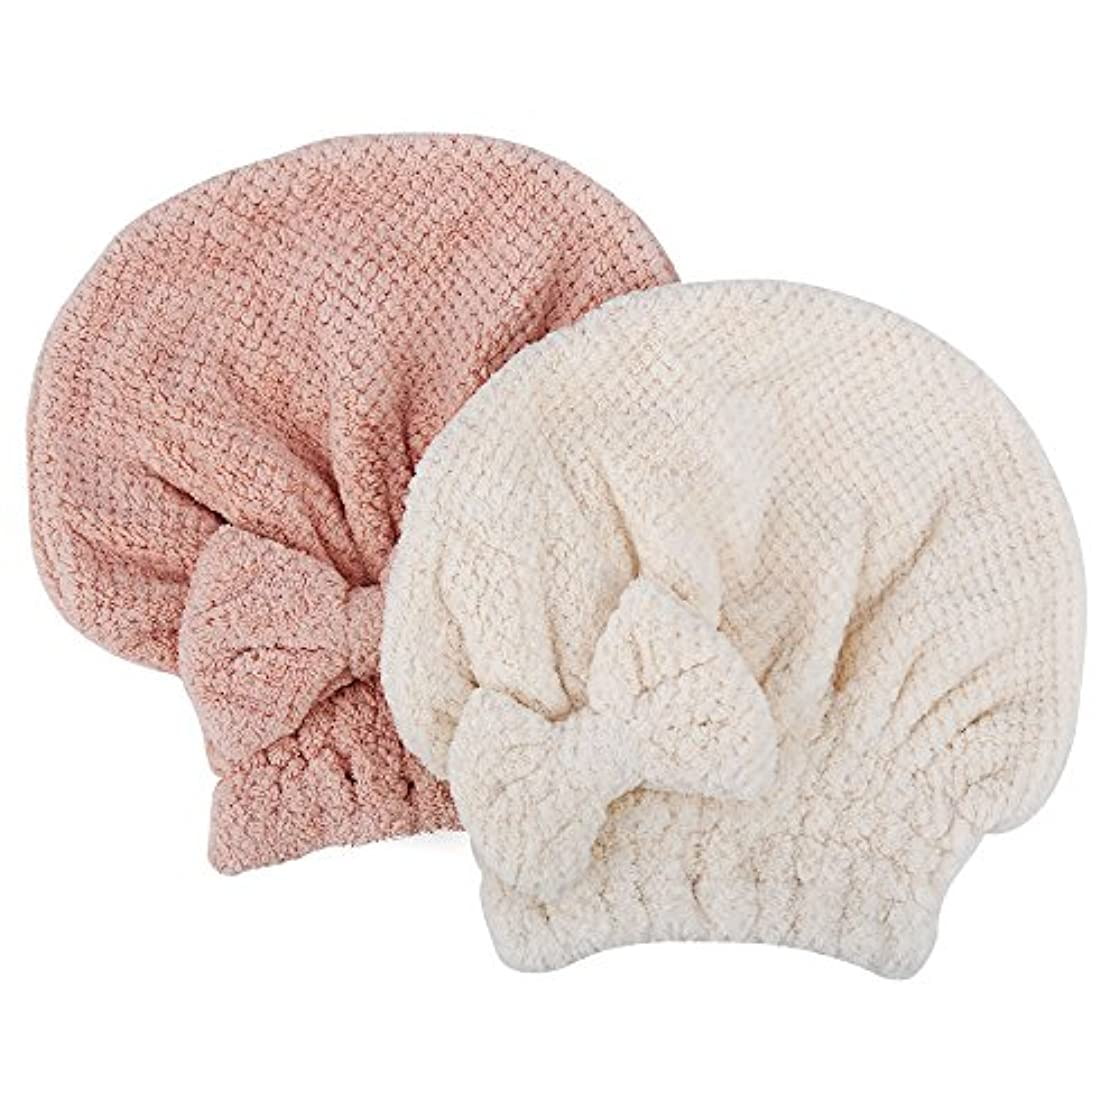 補助金力方向KISENG タオルキャップ 2枚セット ヘアドライタオル 短髪の人向き ヘアキャップ 吸水タオル 速乾 ふわふわ お風呂 バス用品 (ピンク+ホワイト)